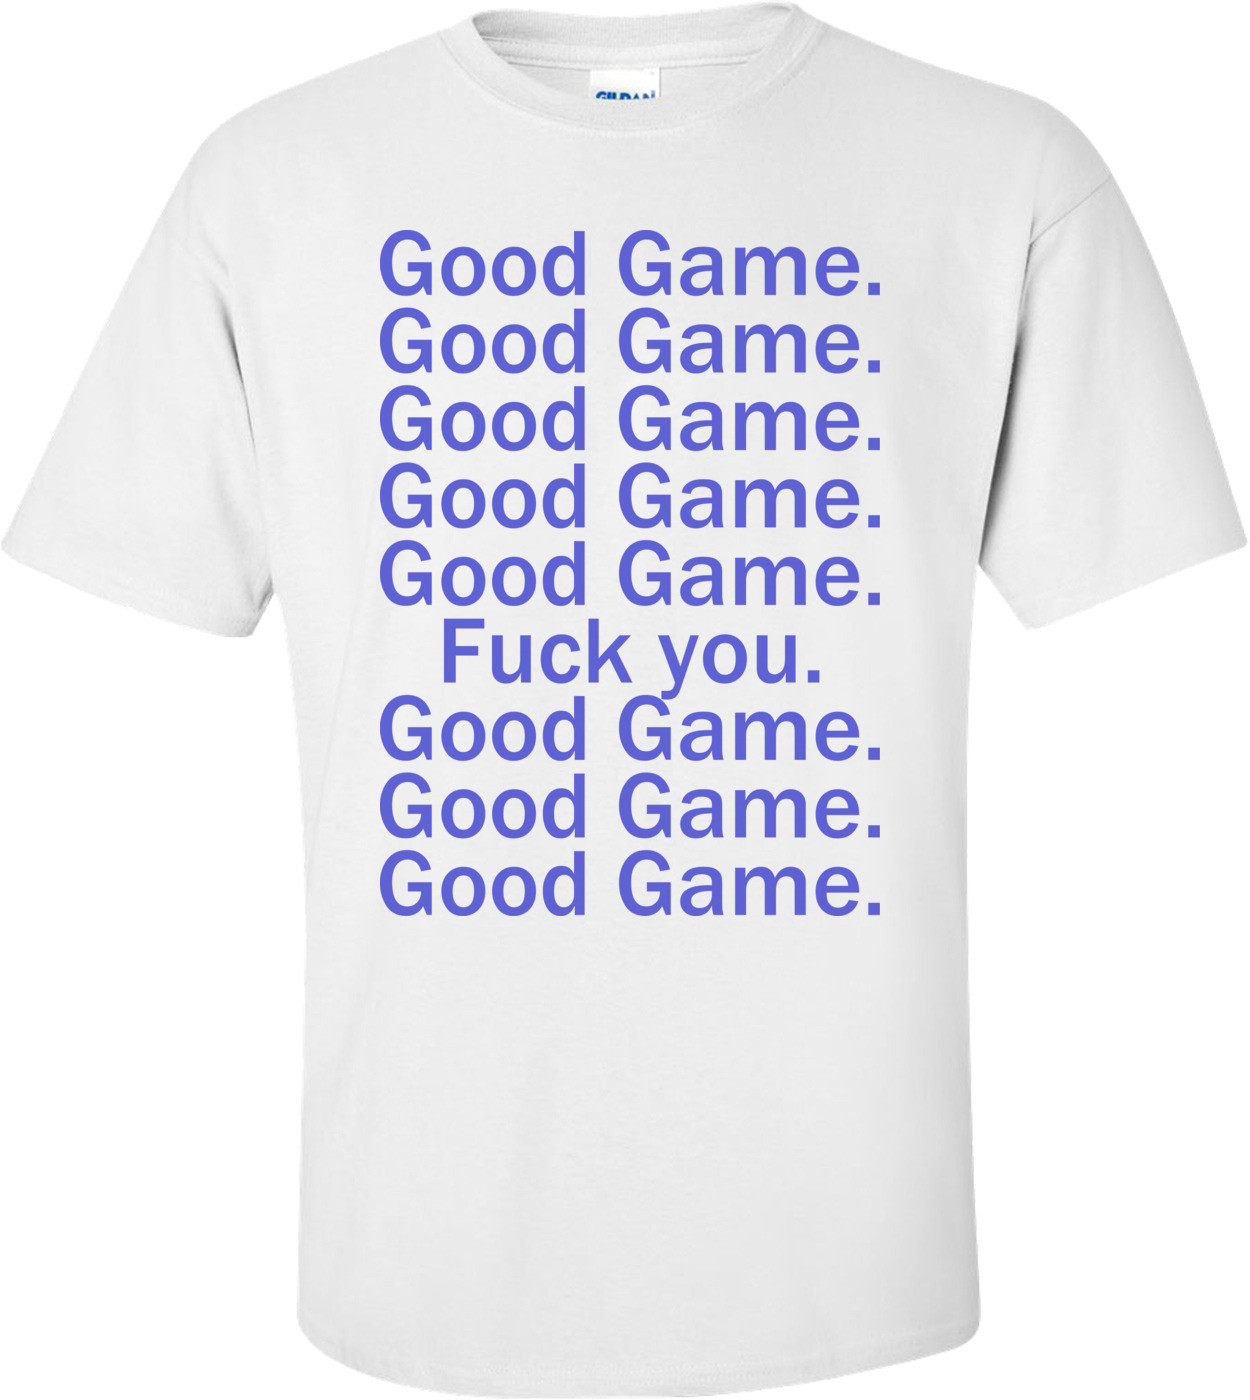 Good Game, Good Game, Fuck You Funny Shirt